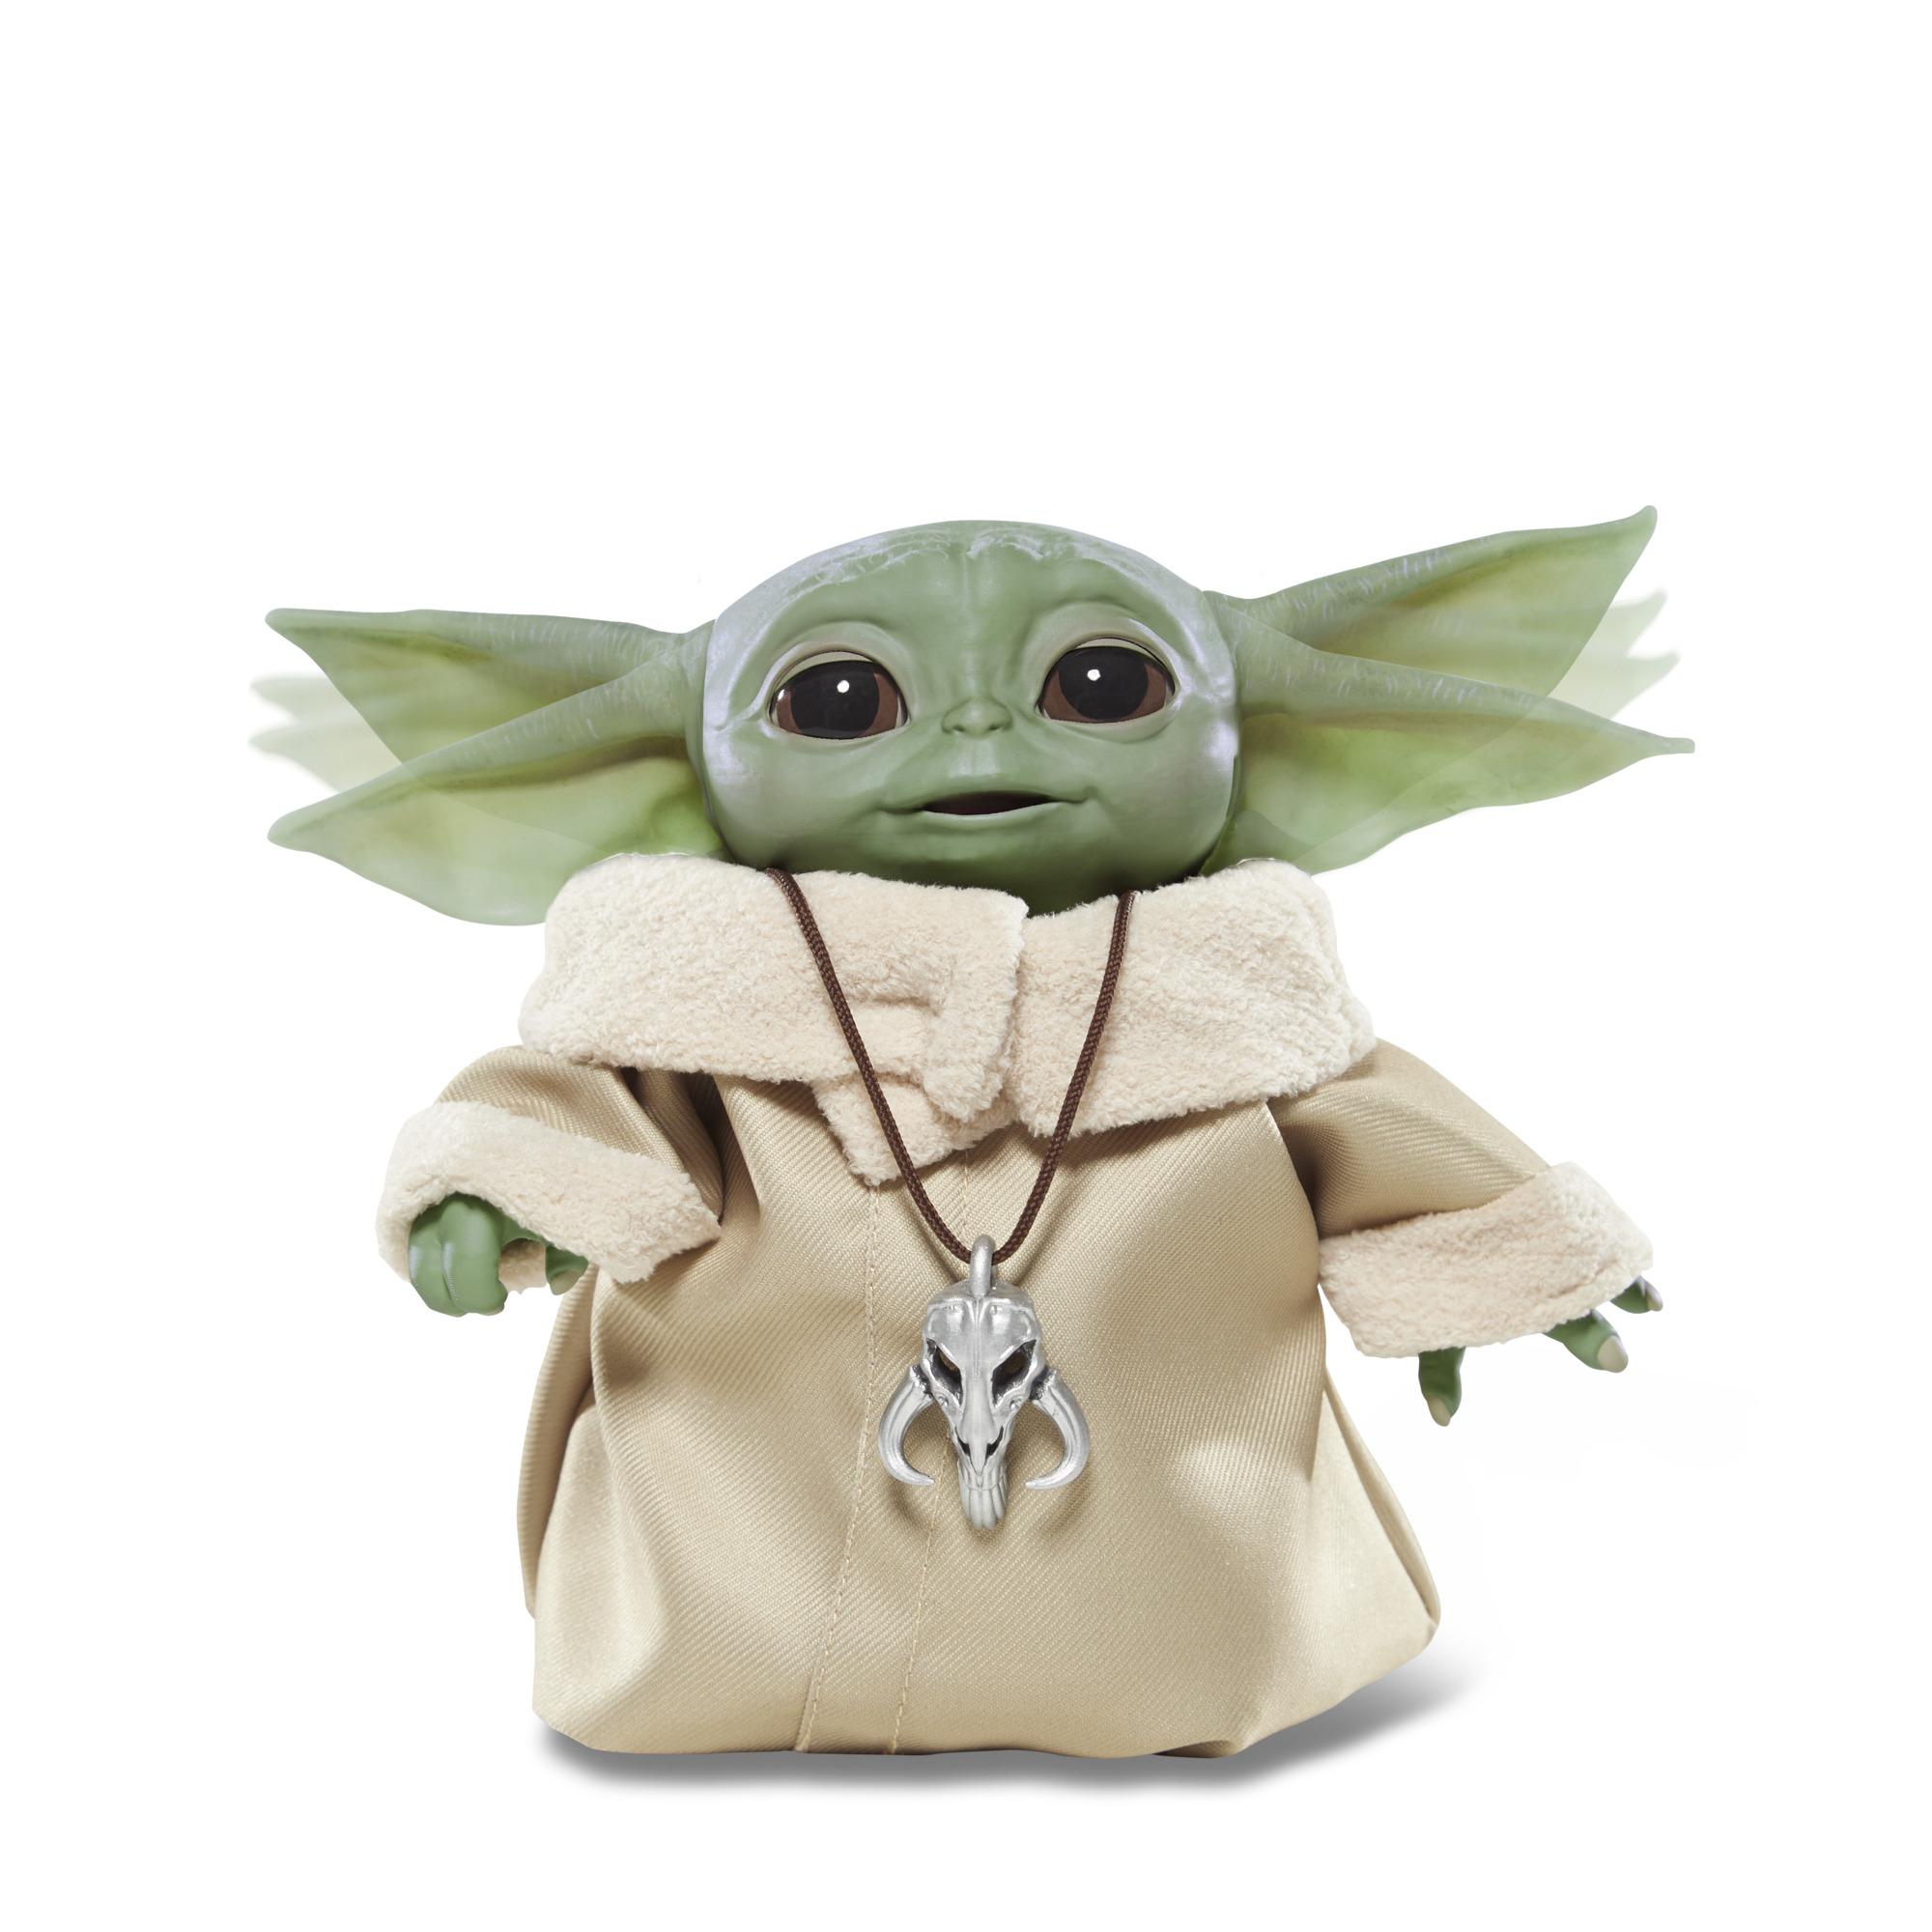 TM Baby Yoda (The Child) Animatronic Toy 2